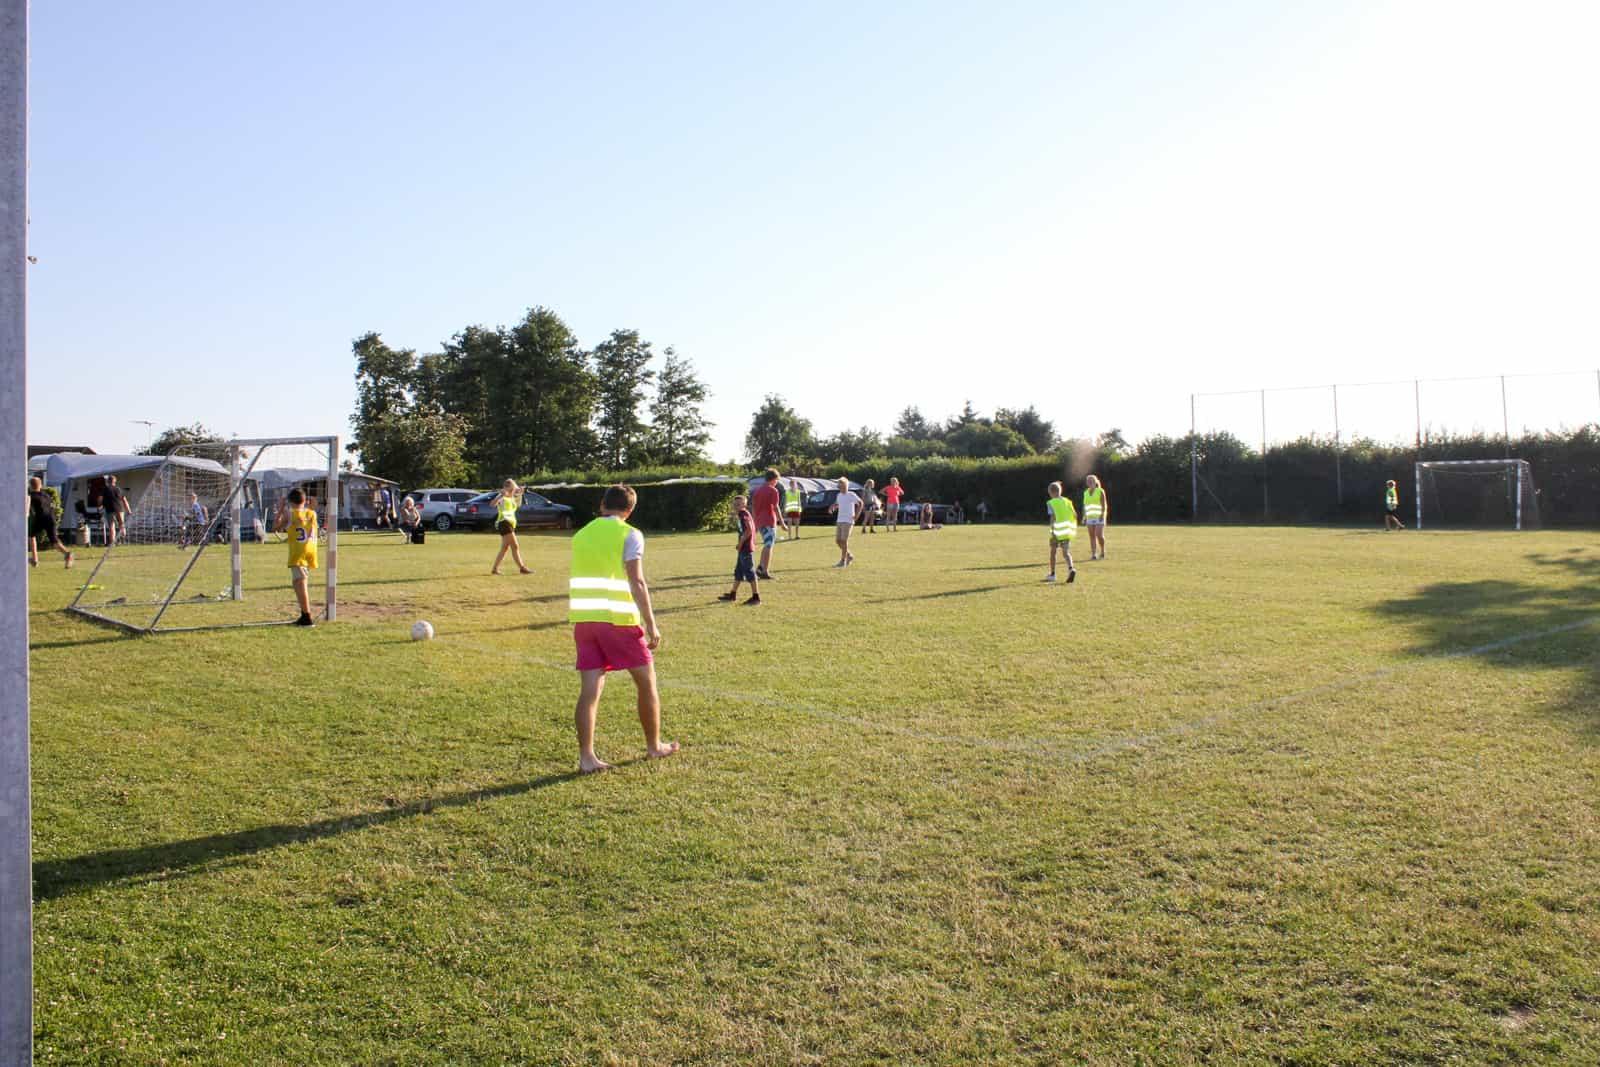 Fodbold på Sandager Næs Camping